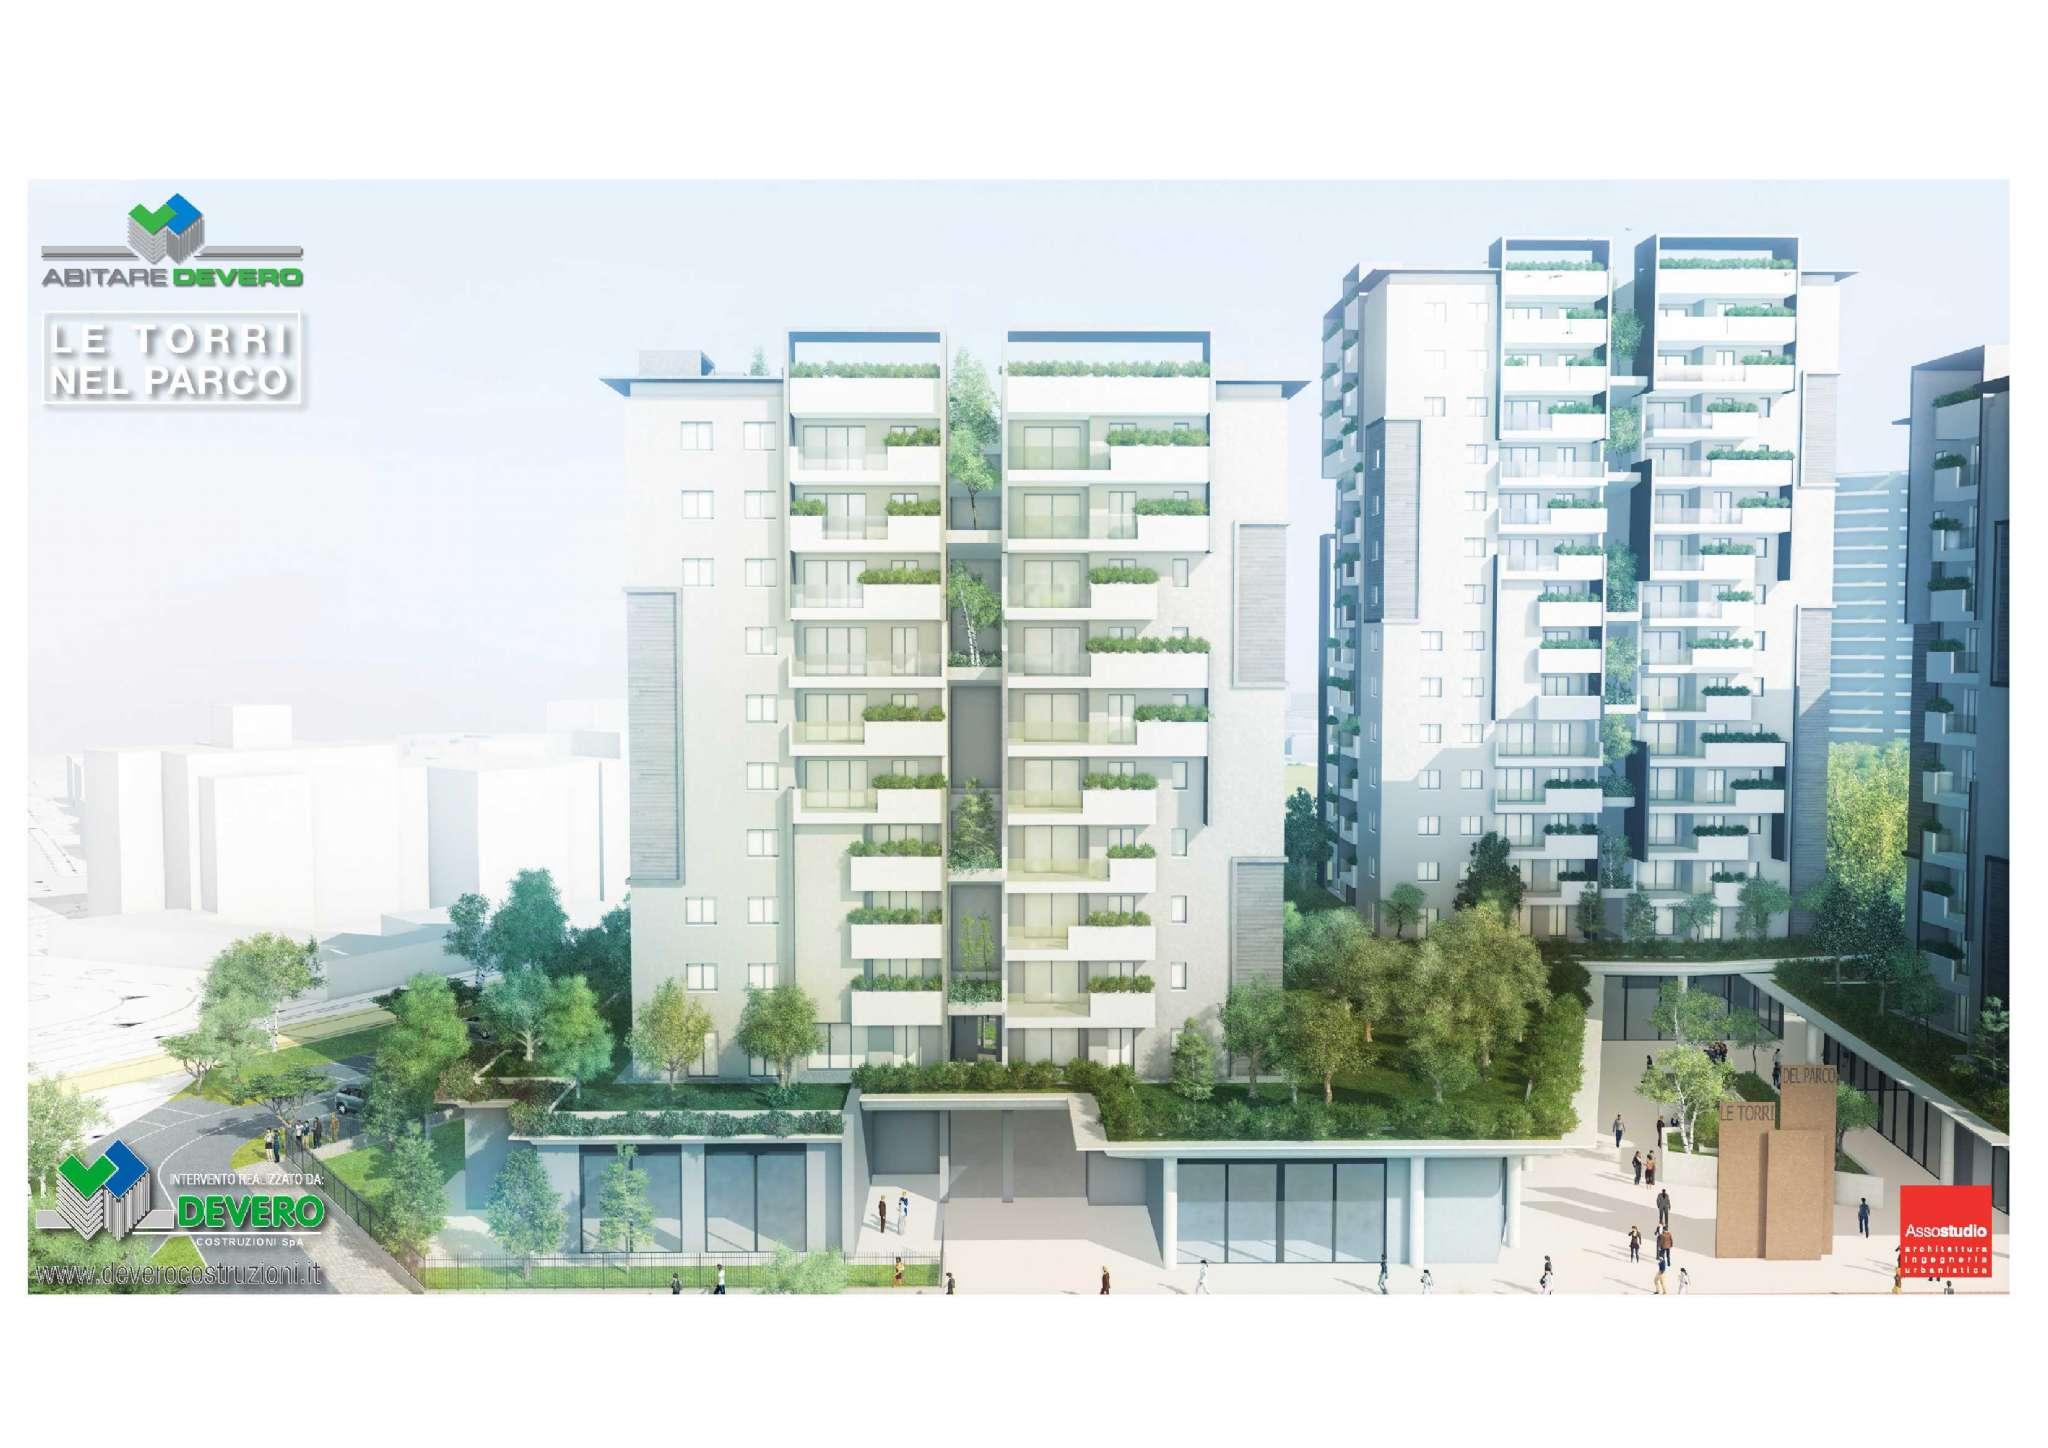 Rif 151884 Appartamento Vendita Arcore trsQCdhx